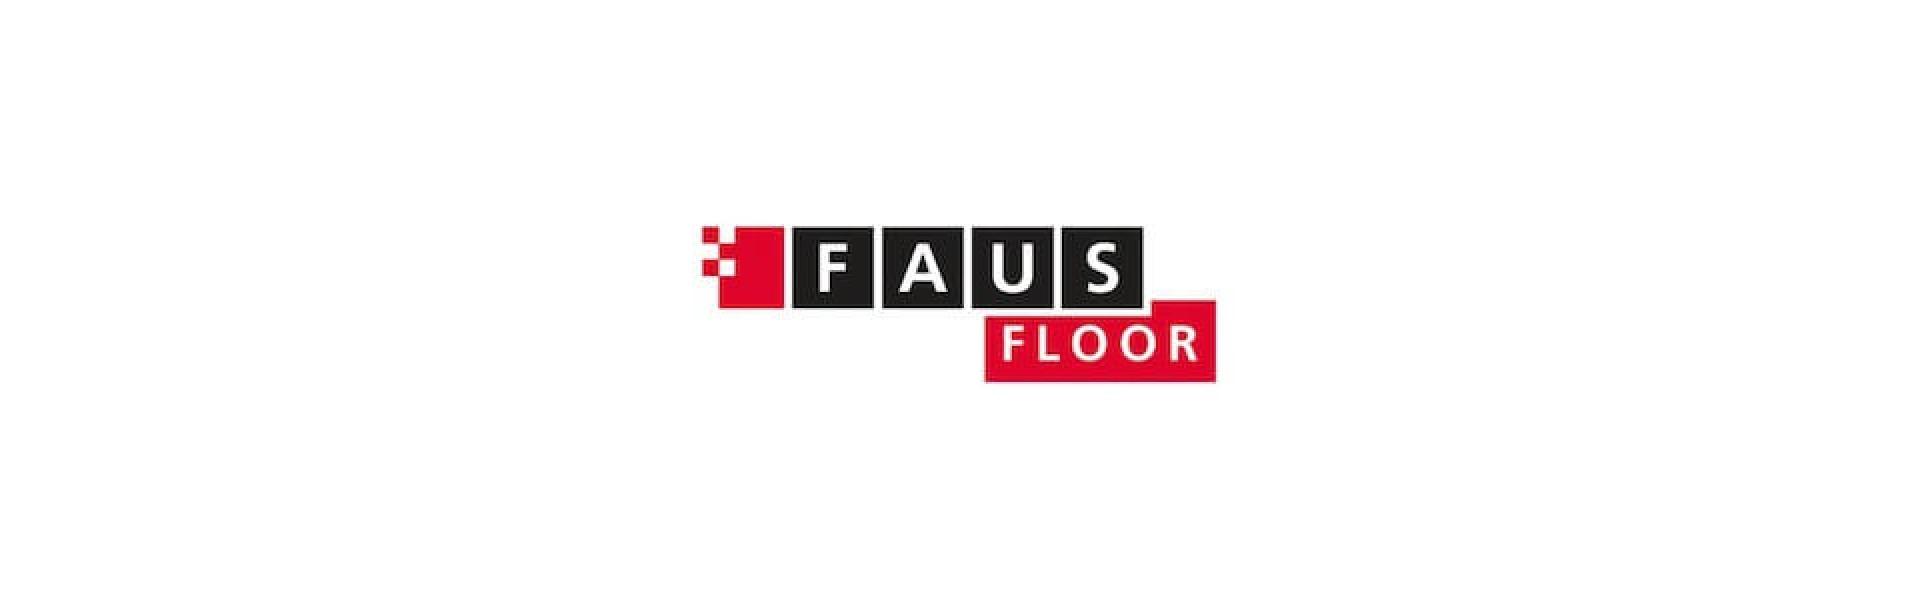 Faus - ламинат высокого качества за доступные цены в Киеве